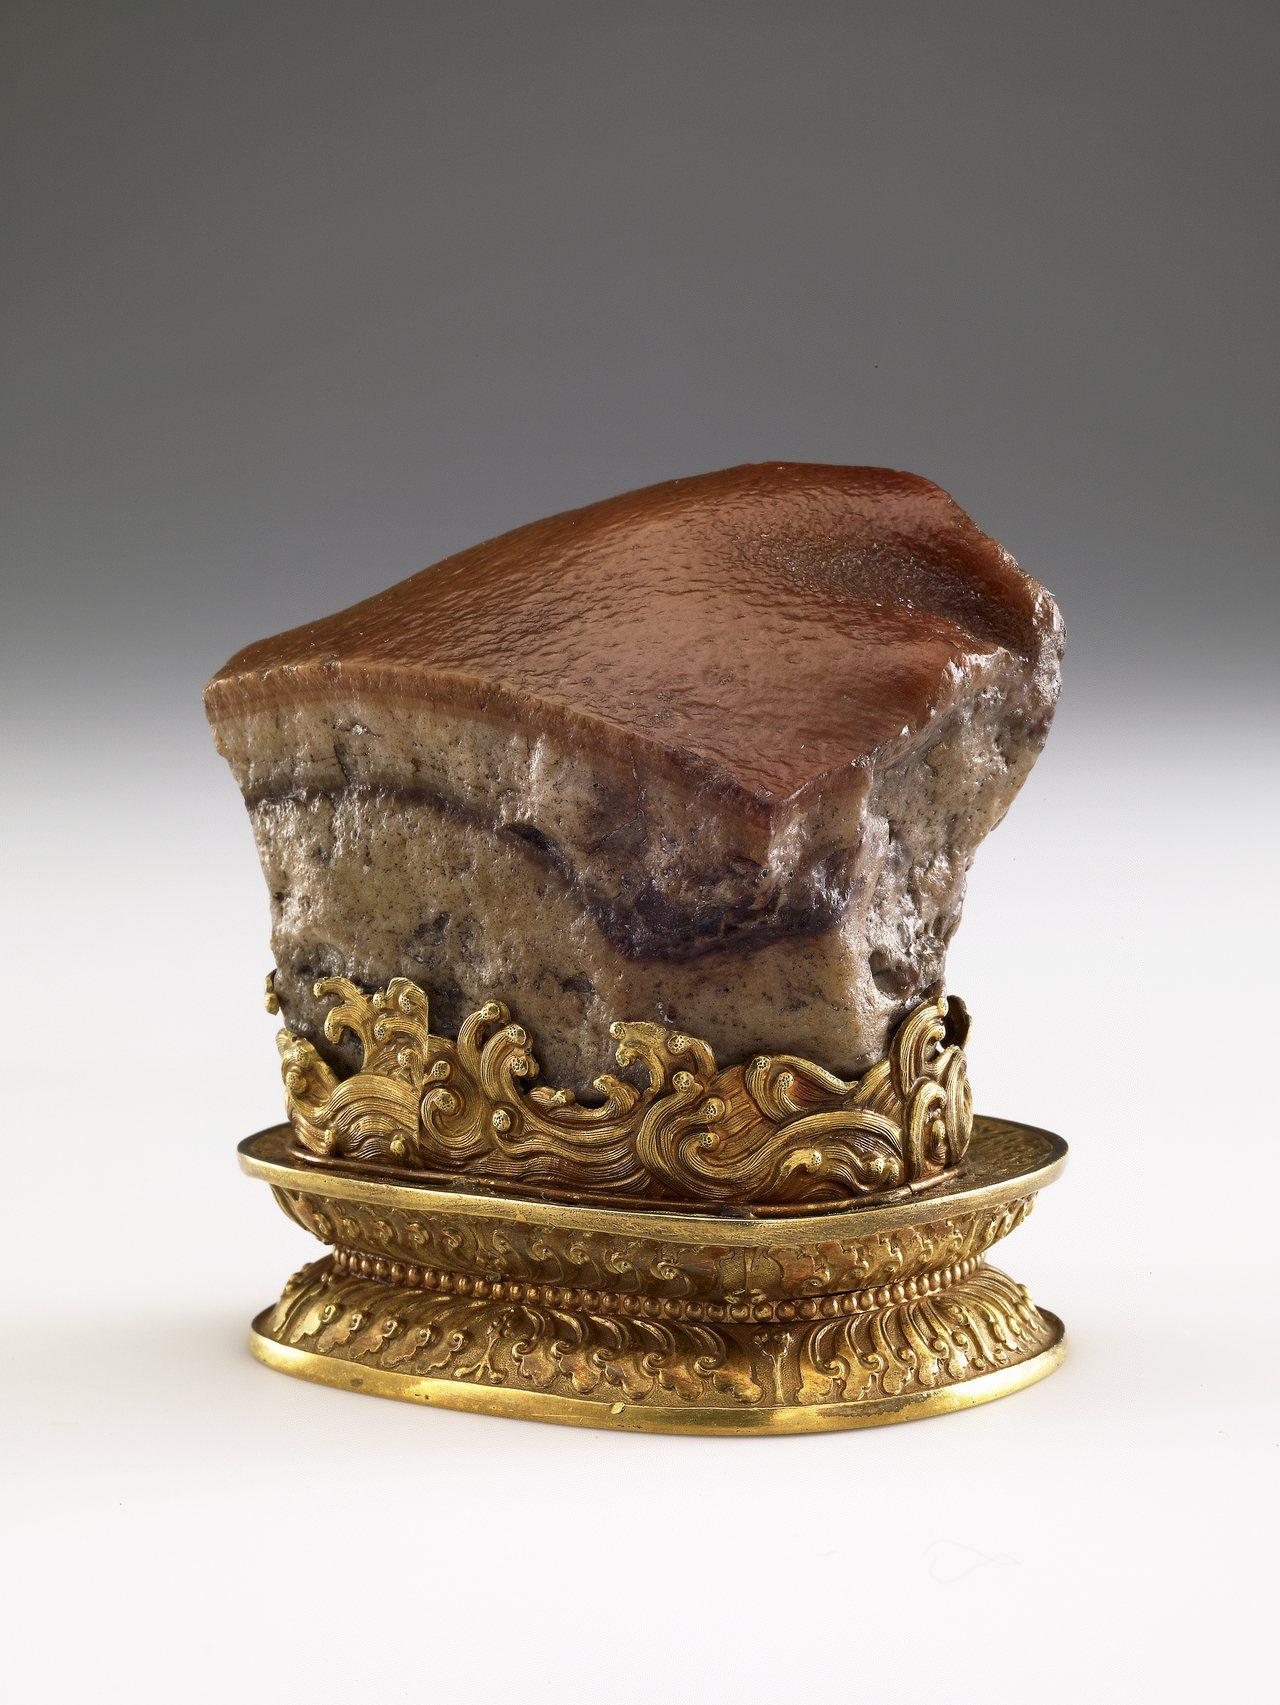 故宮人氣國寶「肉形石」9月3日將在故宮南院二樓至寶廳展出,展期至明年1月19日止...